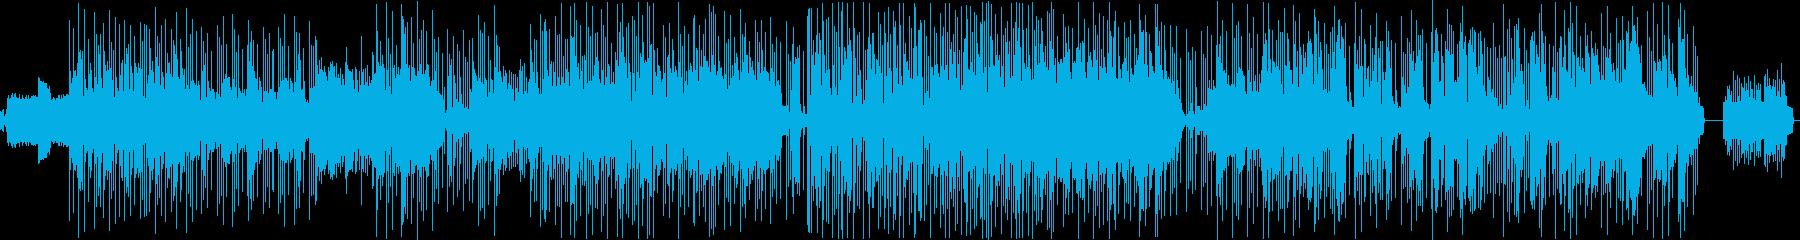 ファンク&ロックの再生済みの波形